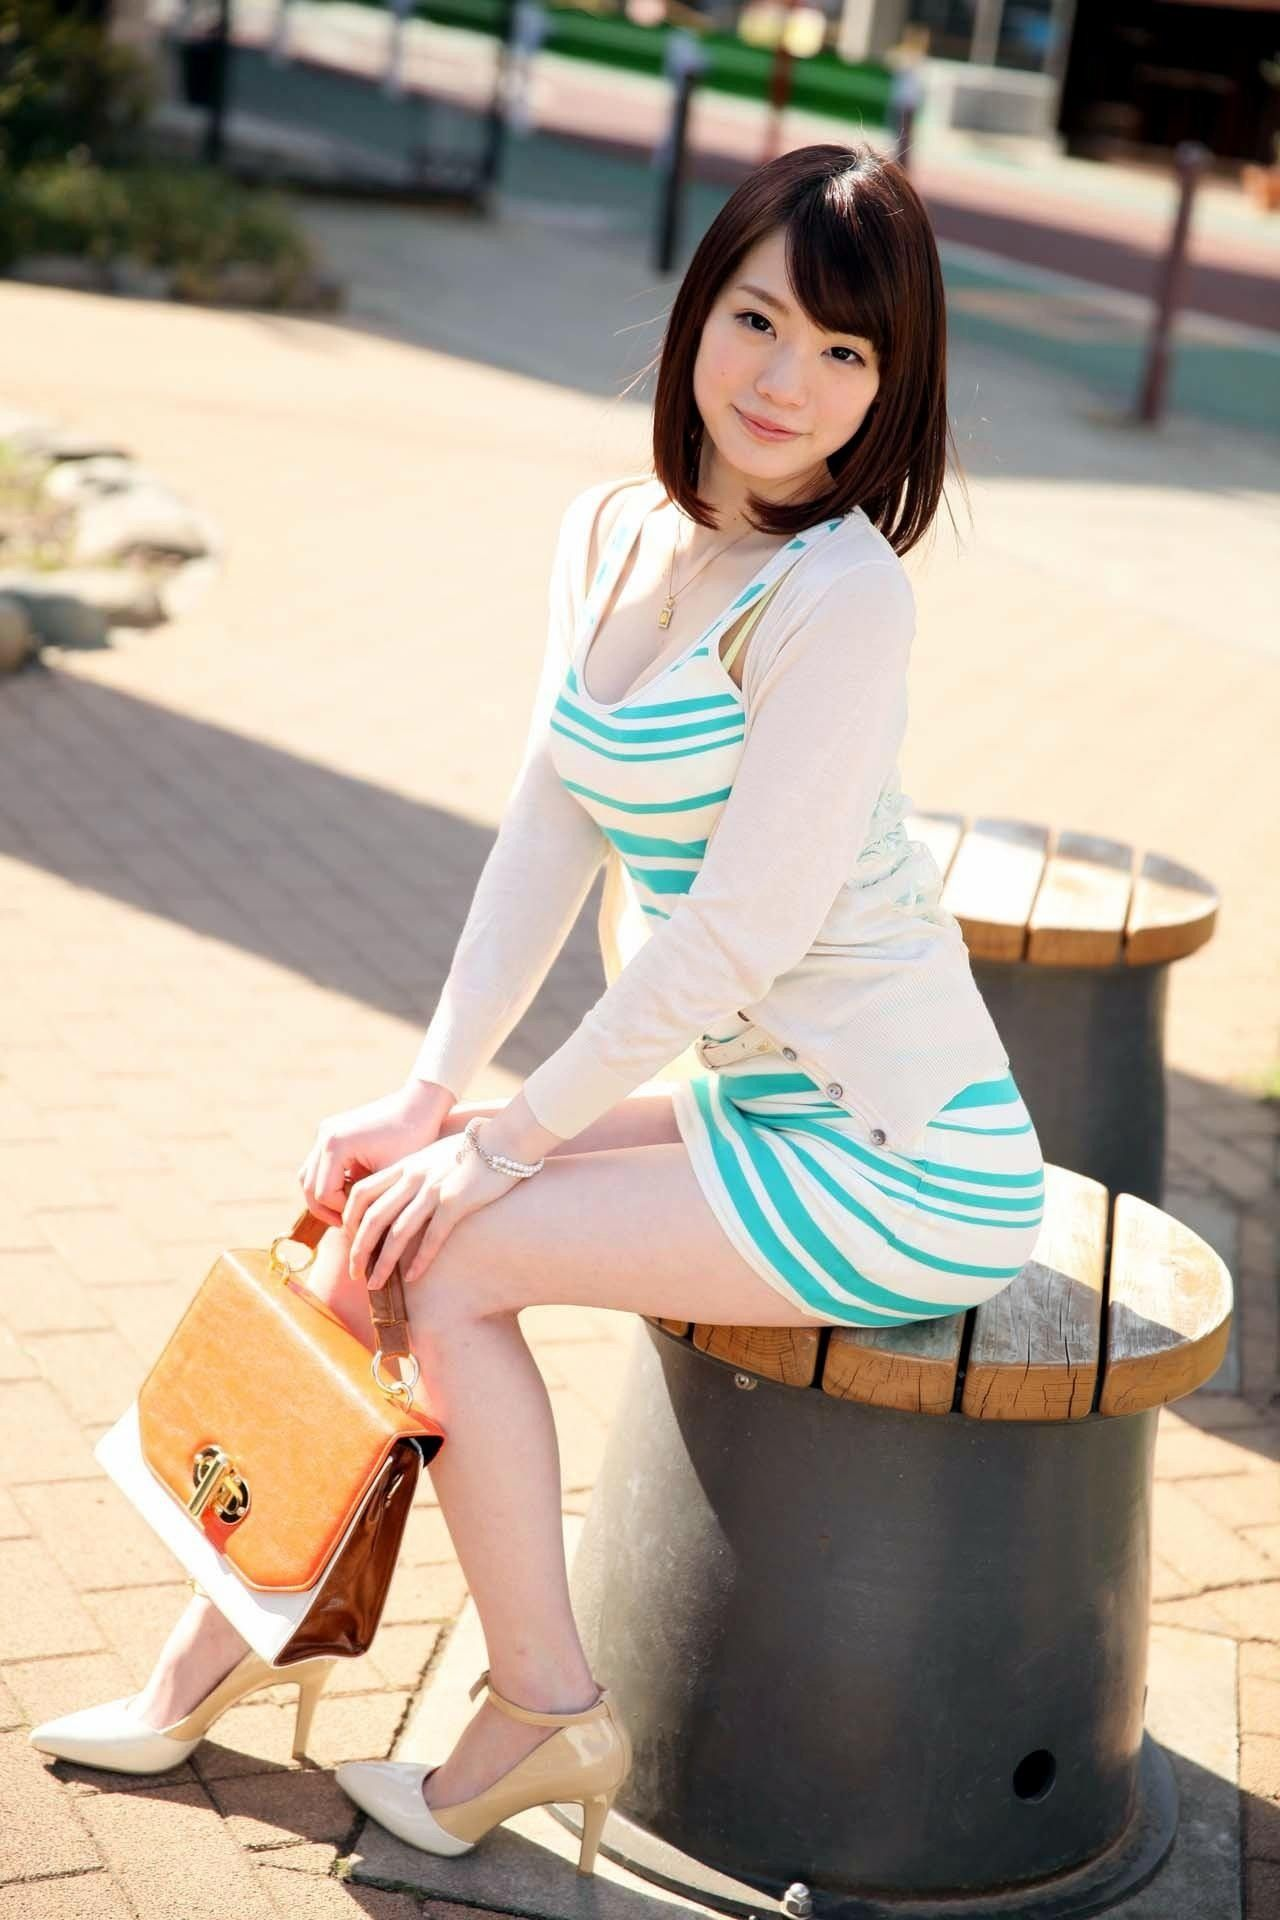 ボード「airi suzumura」のピン